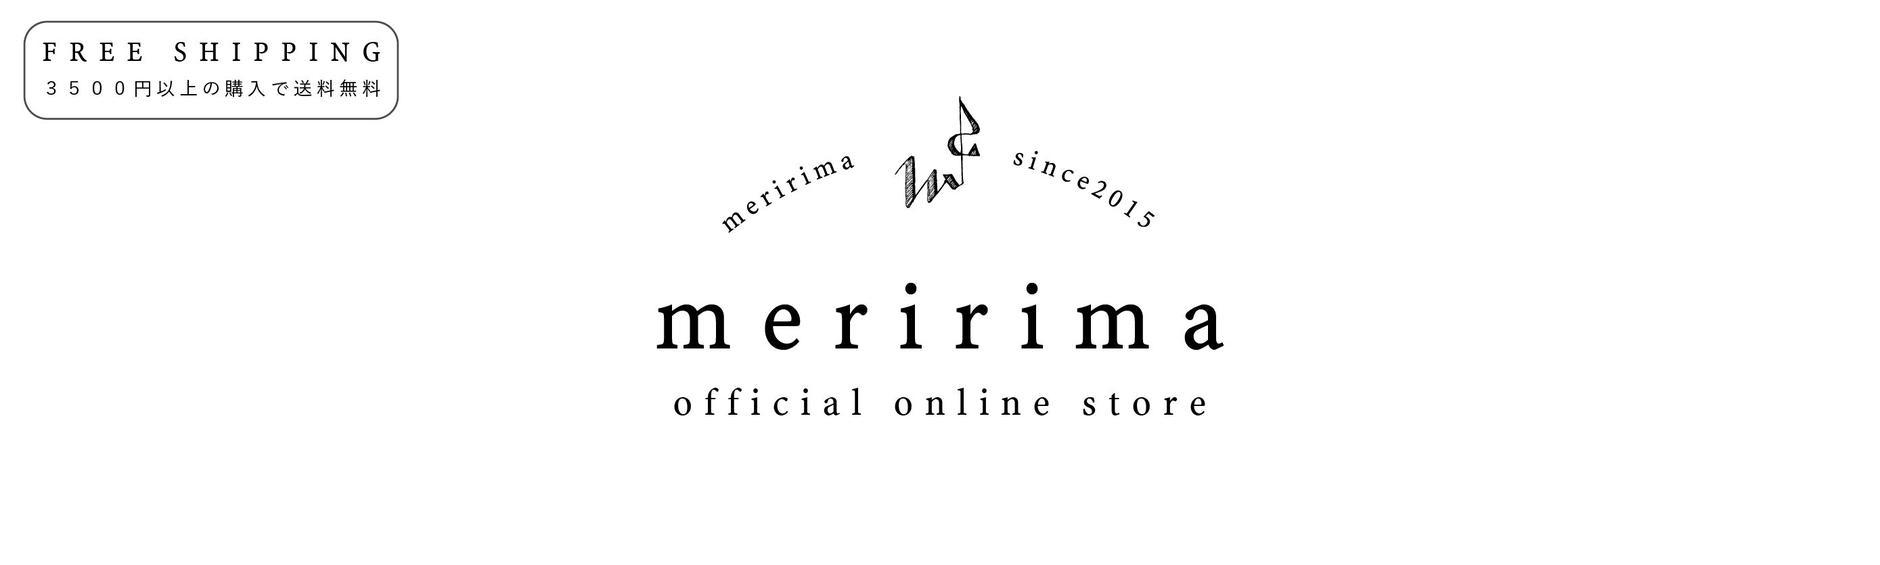 meririma online store